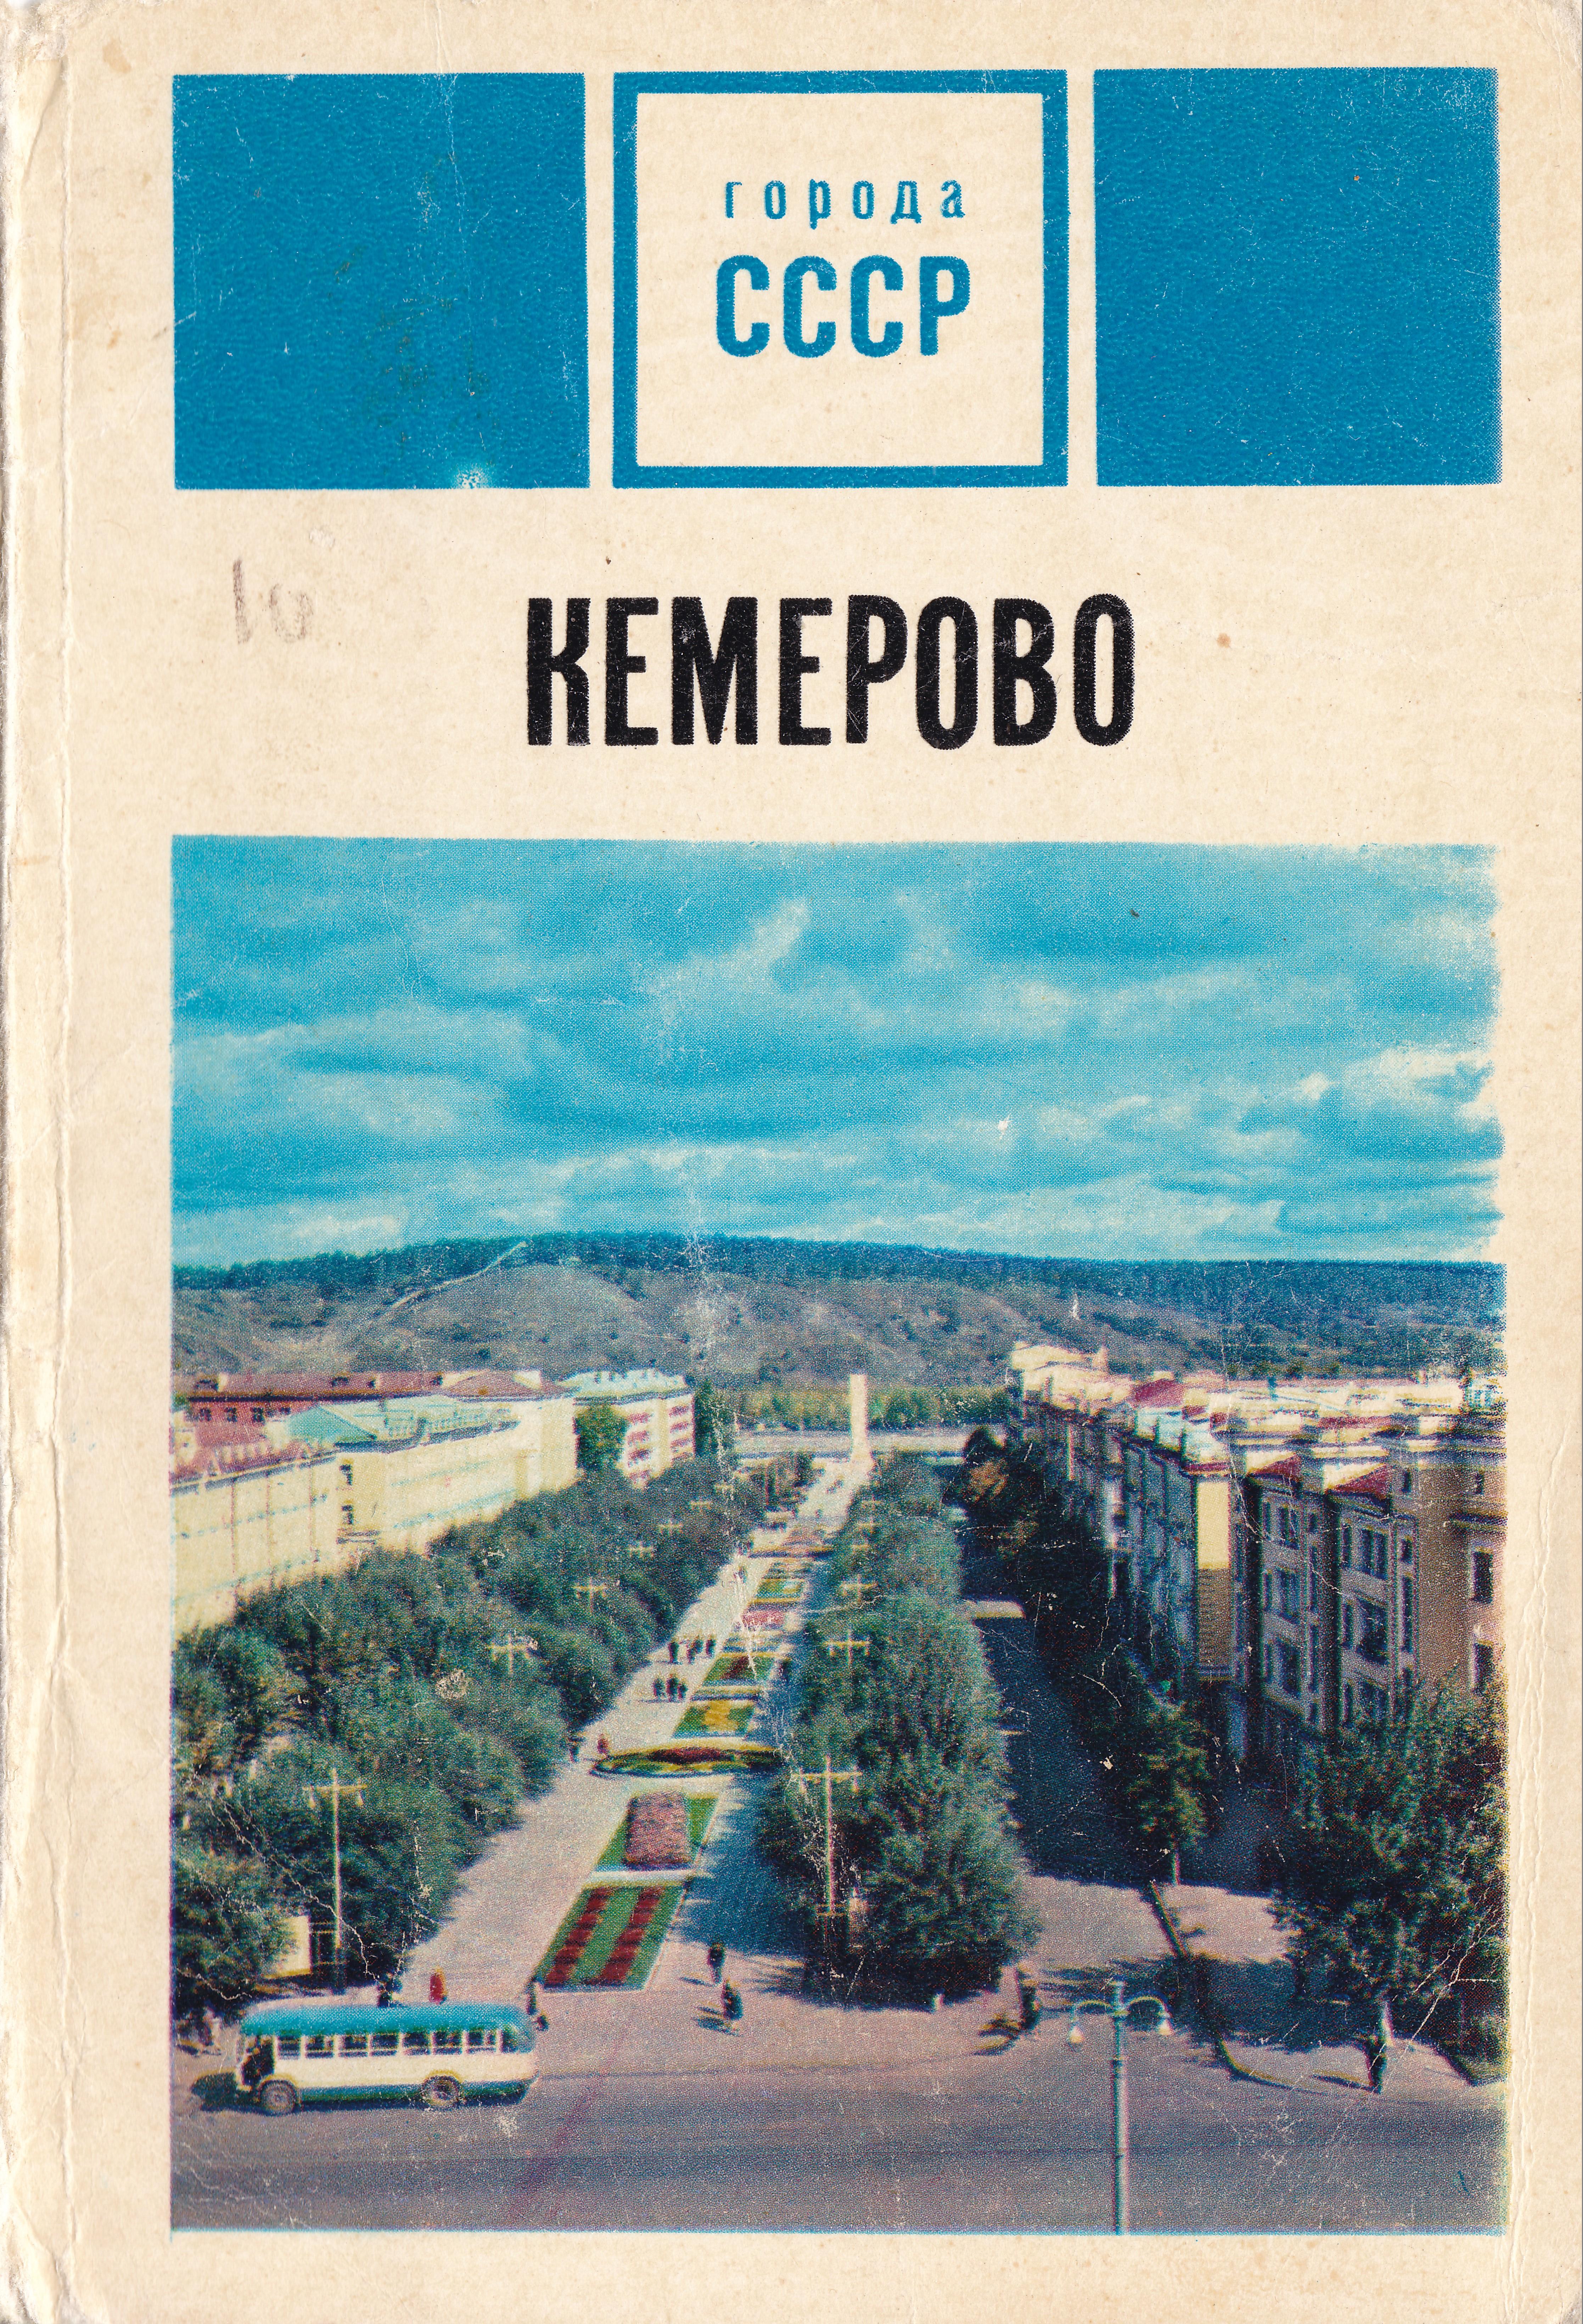 прогноз открытки кемерово 1972 этот